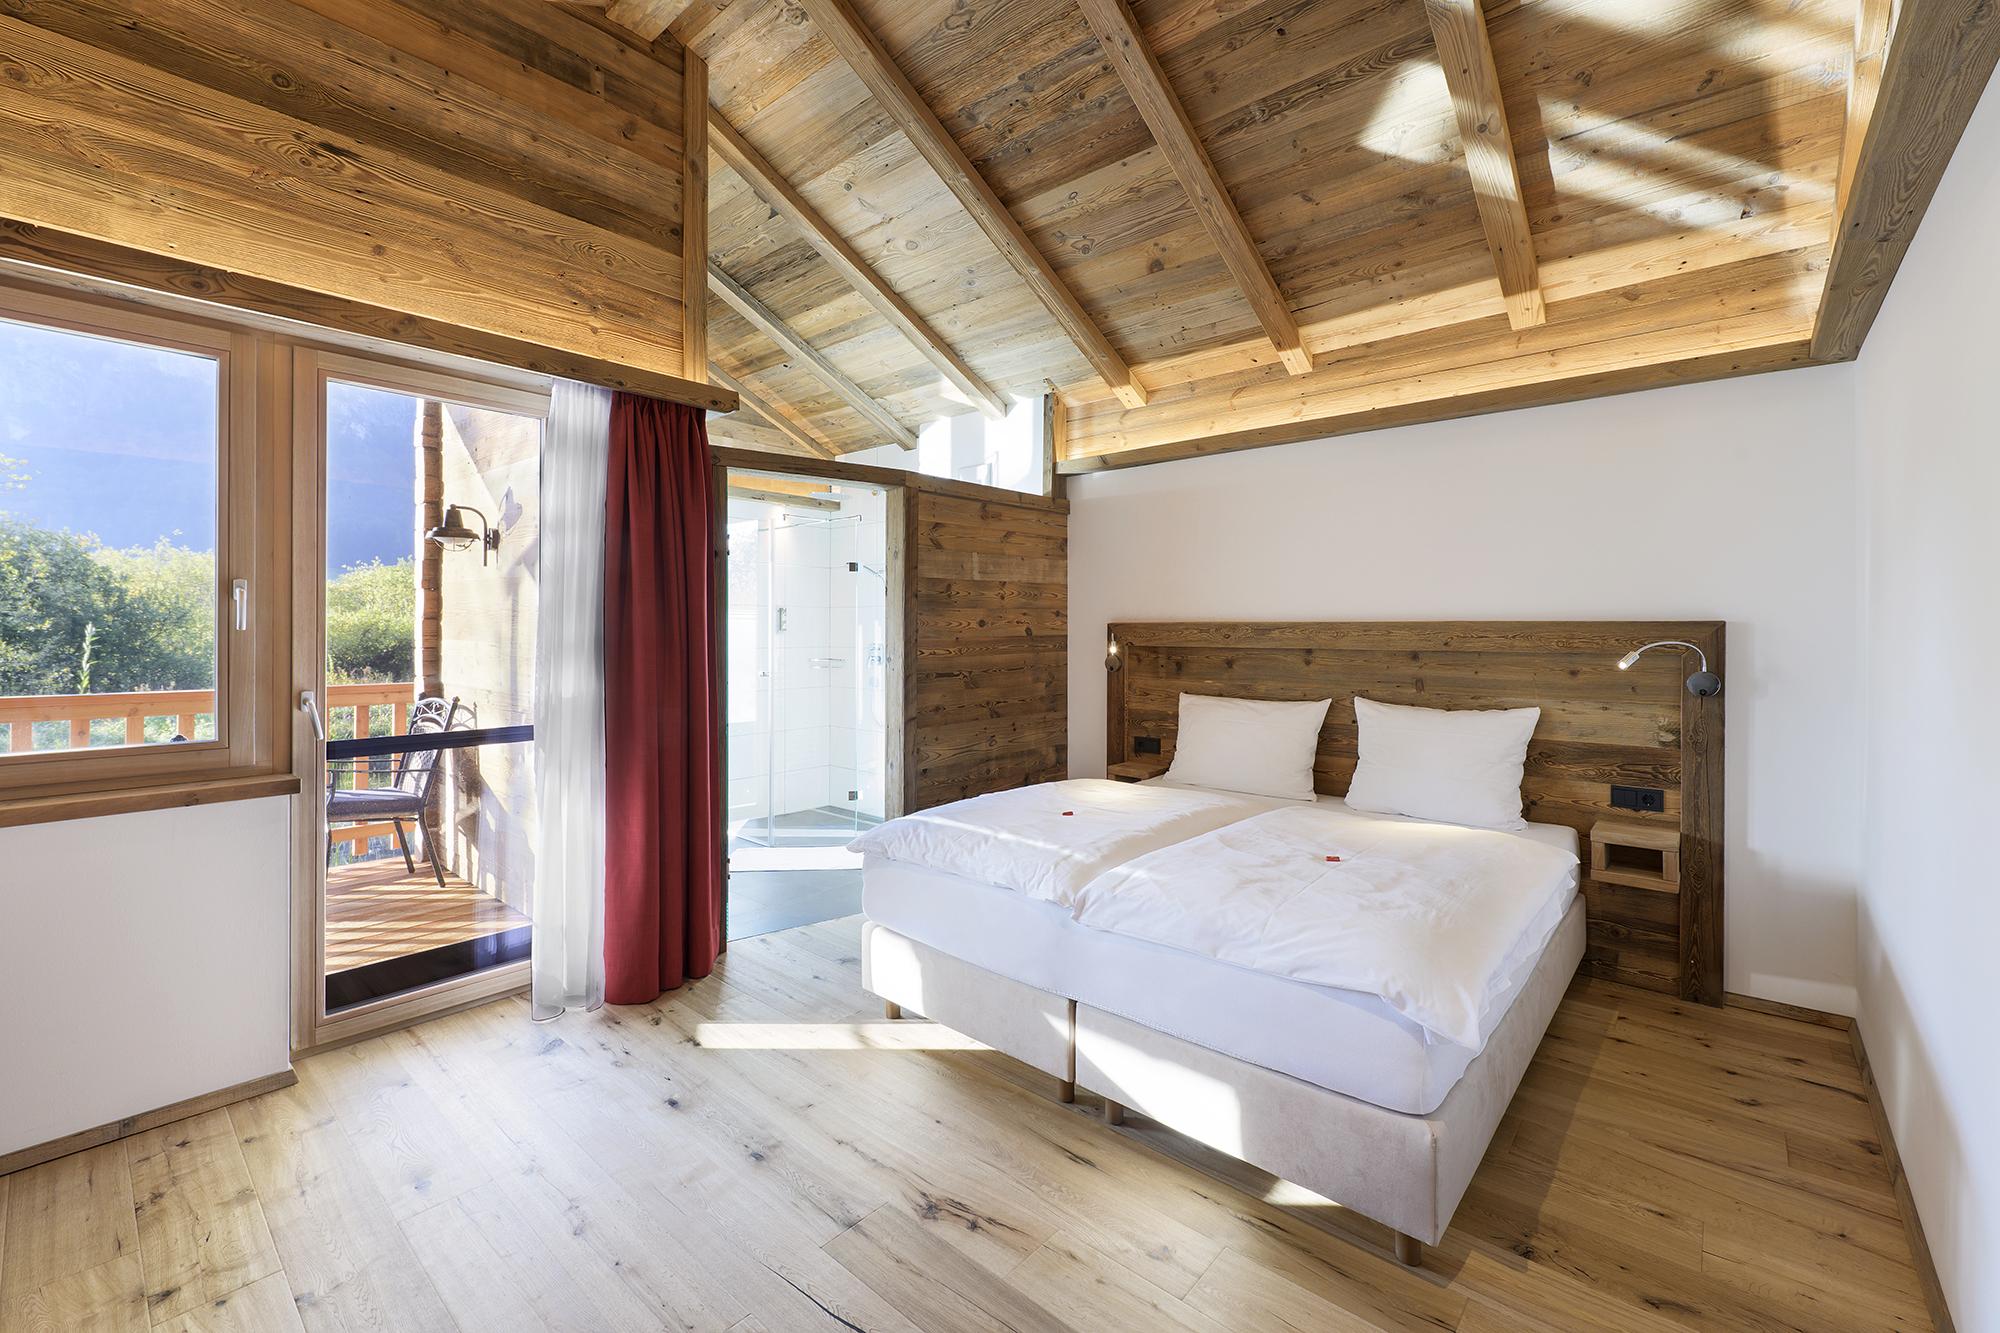 Doppelzimmer im Pfahlbauchalet